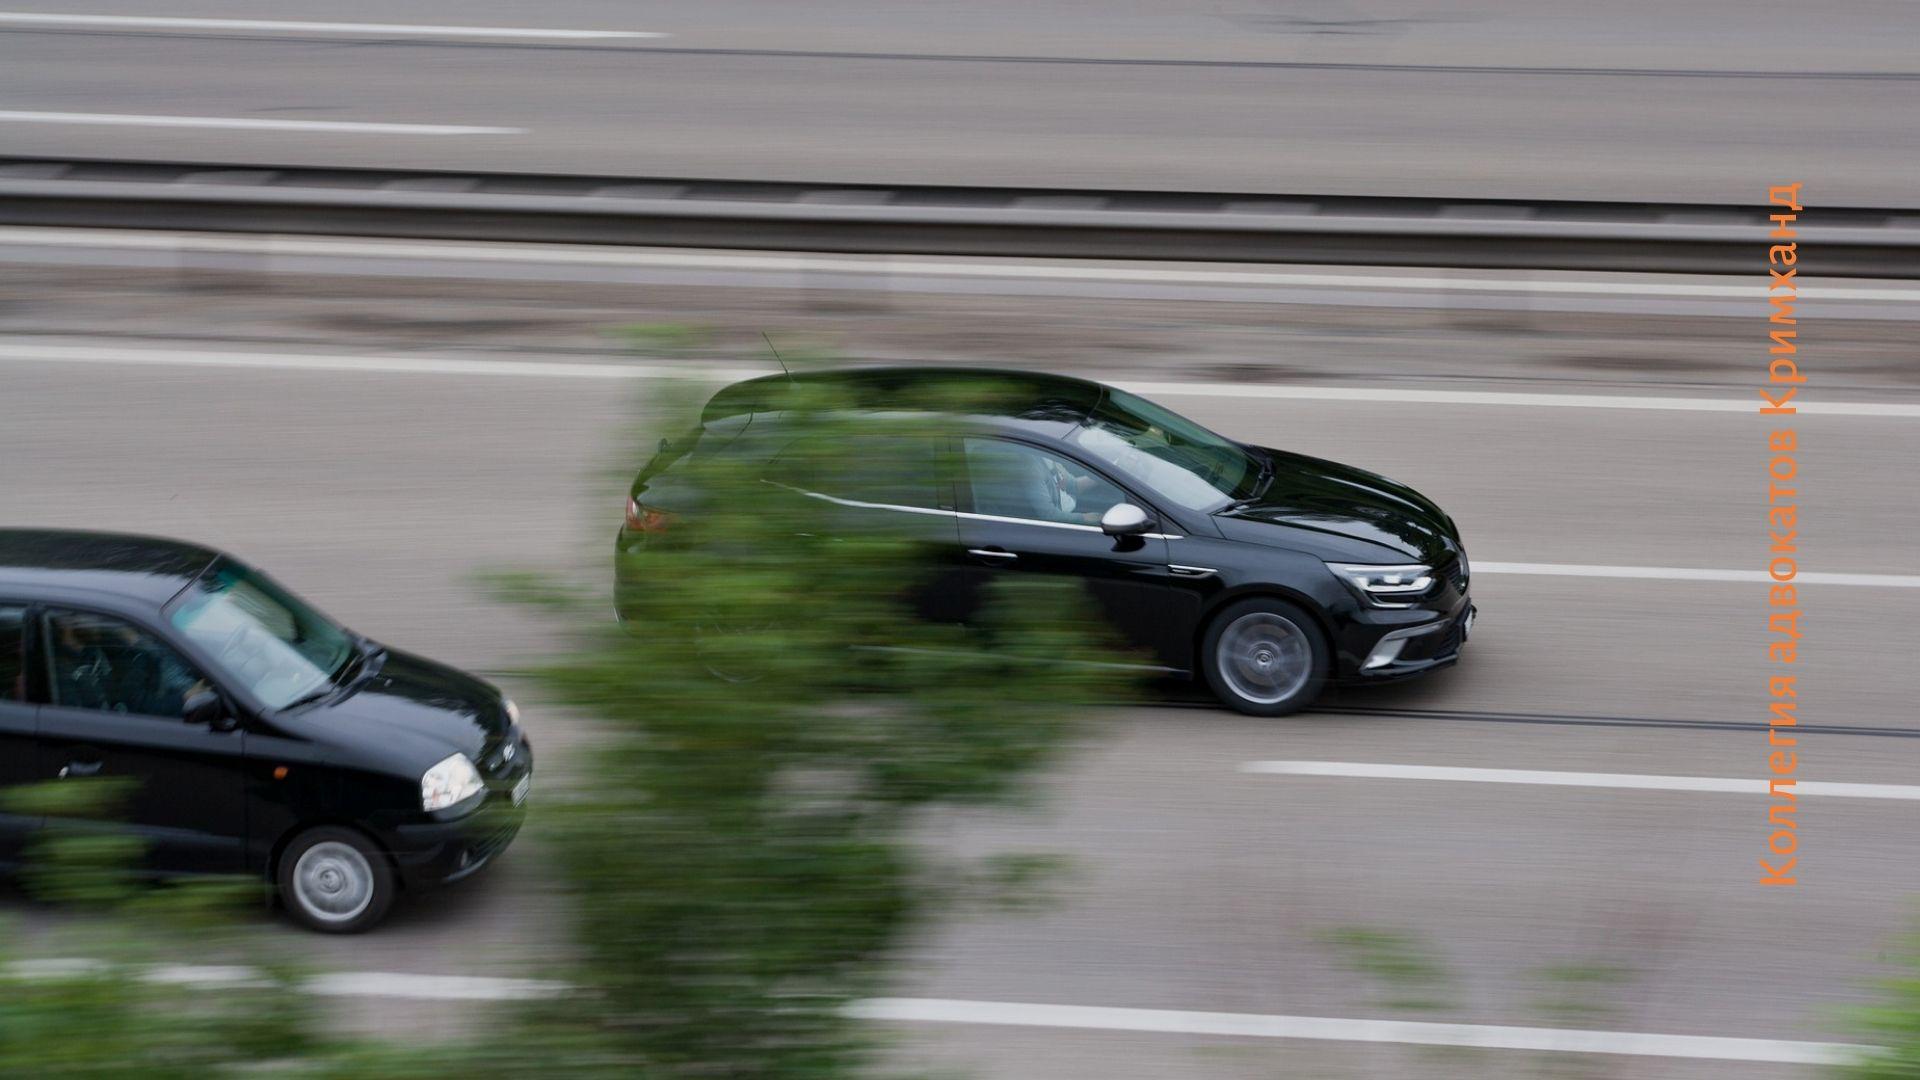 Штрафы за превышение скоростного режима в Австрии [Решение суда]